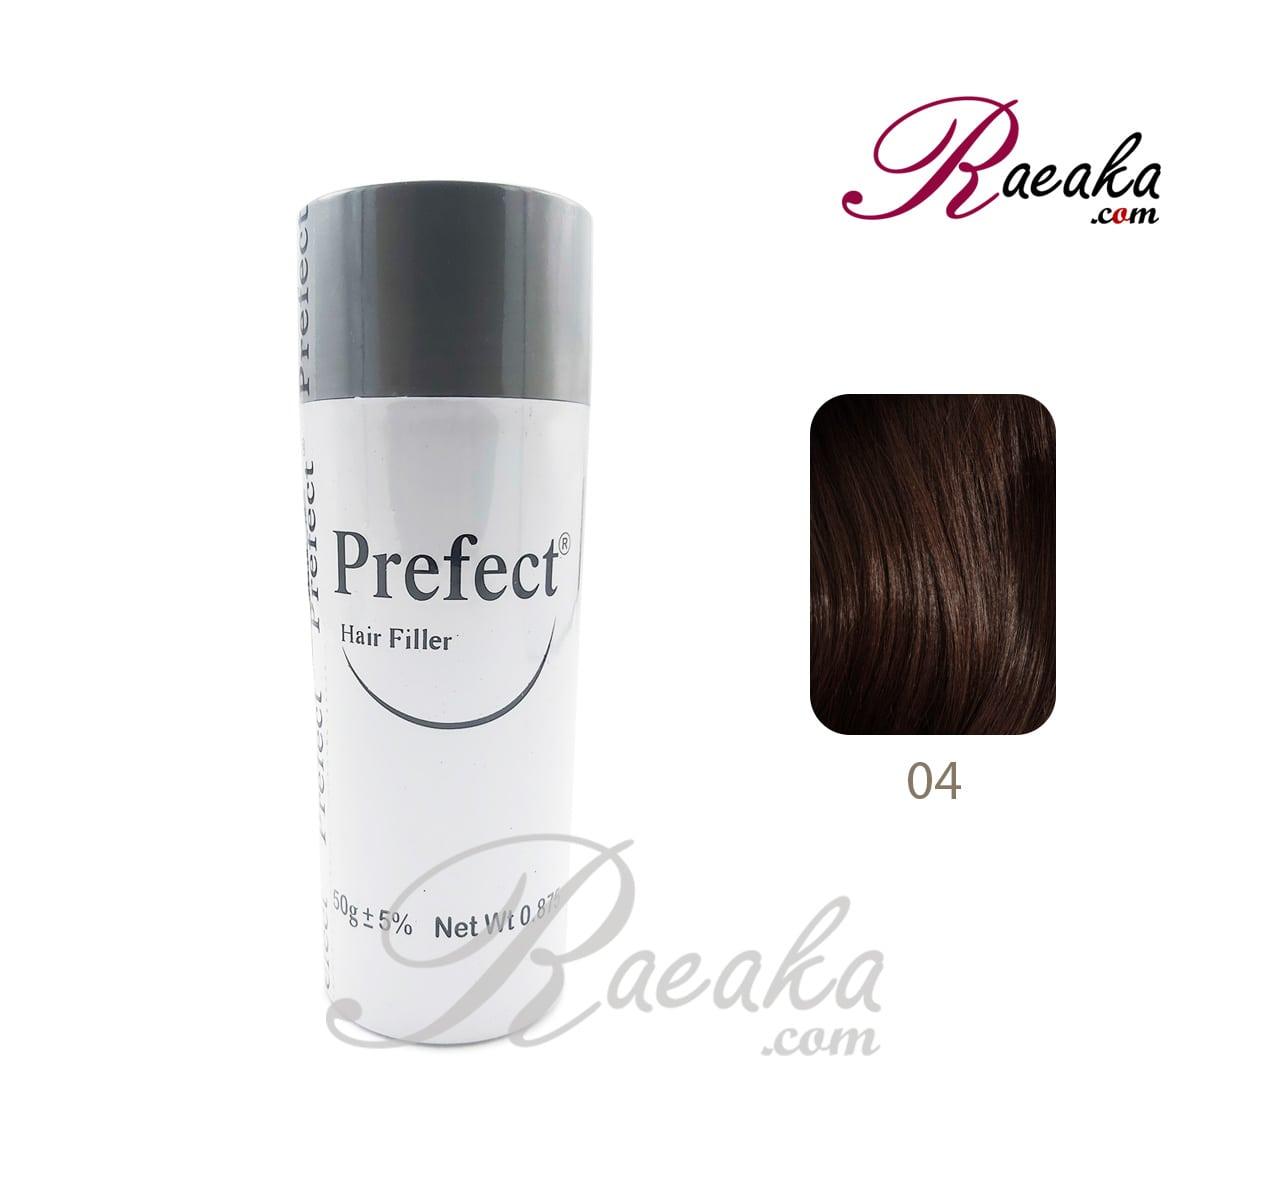 پودر پرپشت کننده مو پرفکت کد 04 - قهوه ای (Brown) وزن خالص 50 گرم